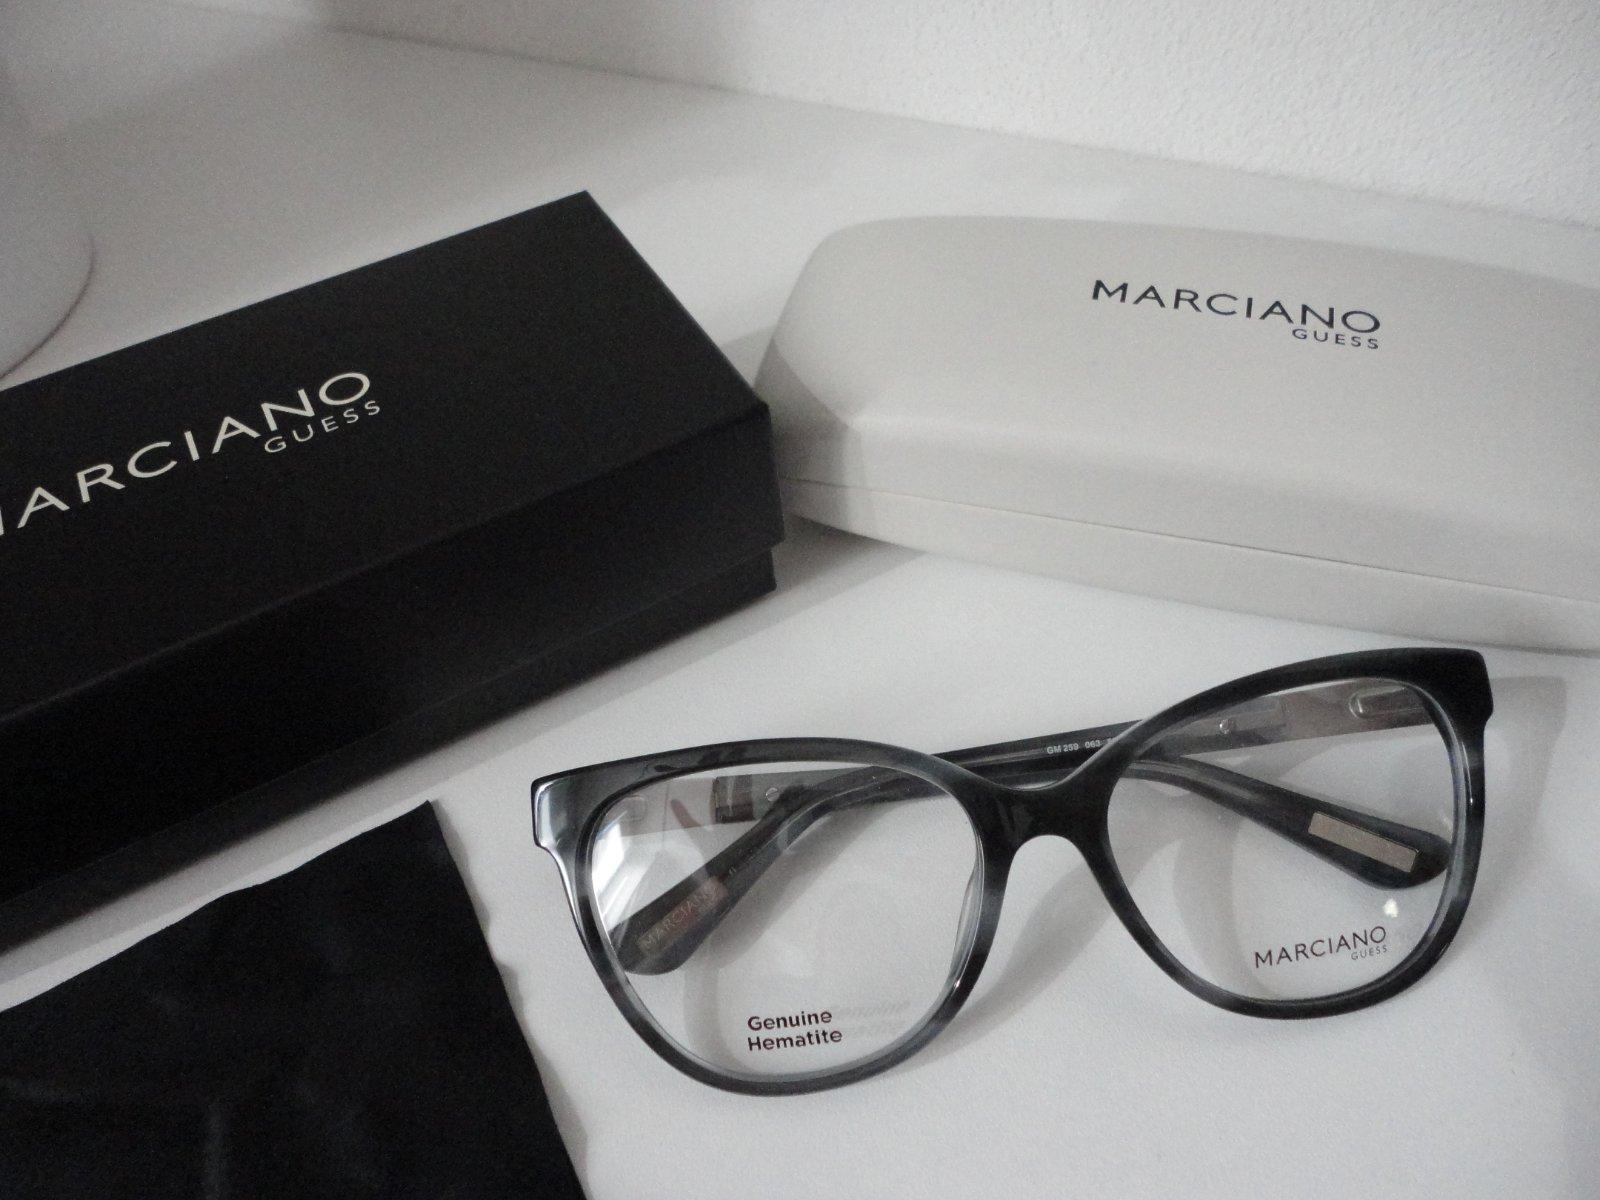 ae7551e43 Dámsky okuliarový rám guess, - 70 € od predávajúcej tami21 | Detský bazár |  ModryKonik.sk